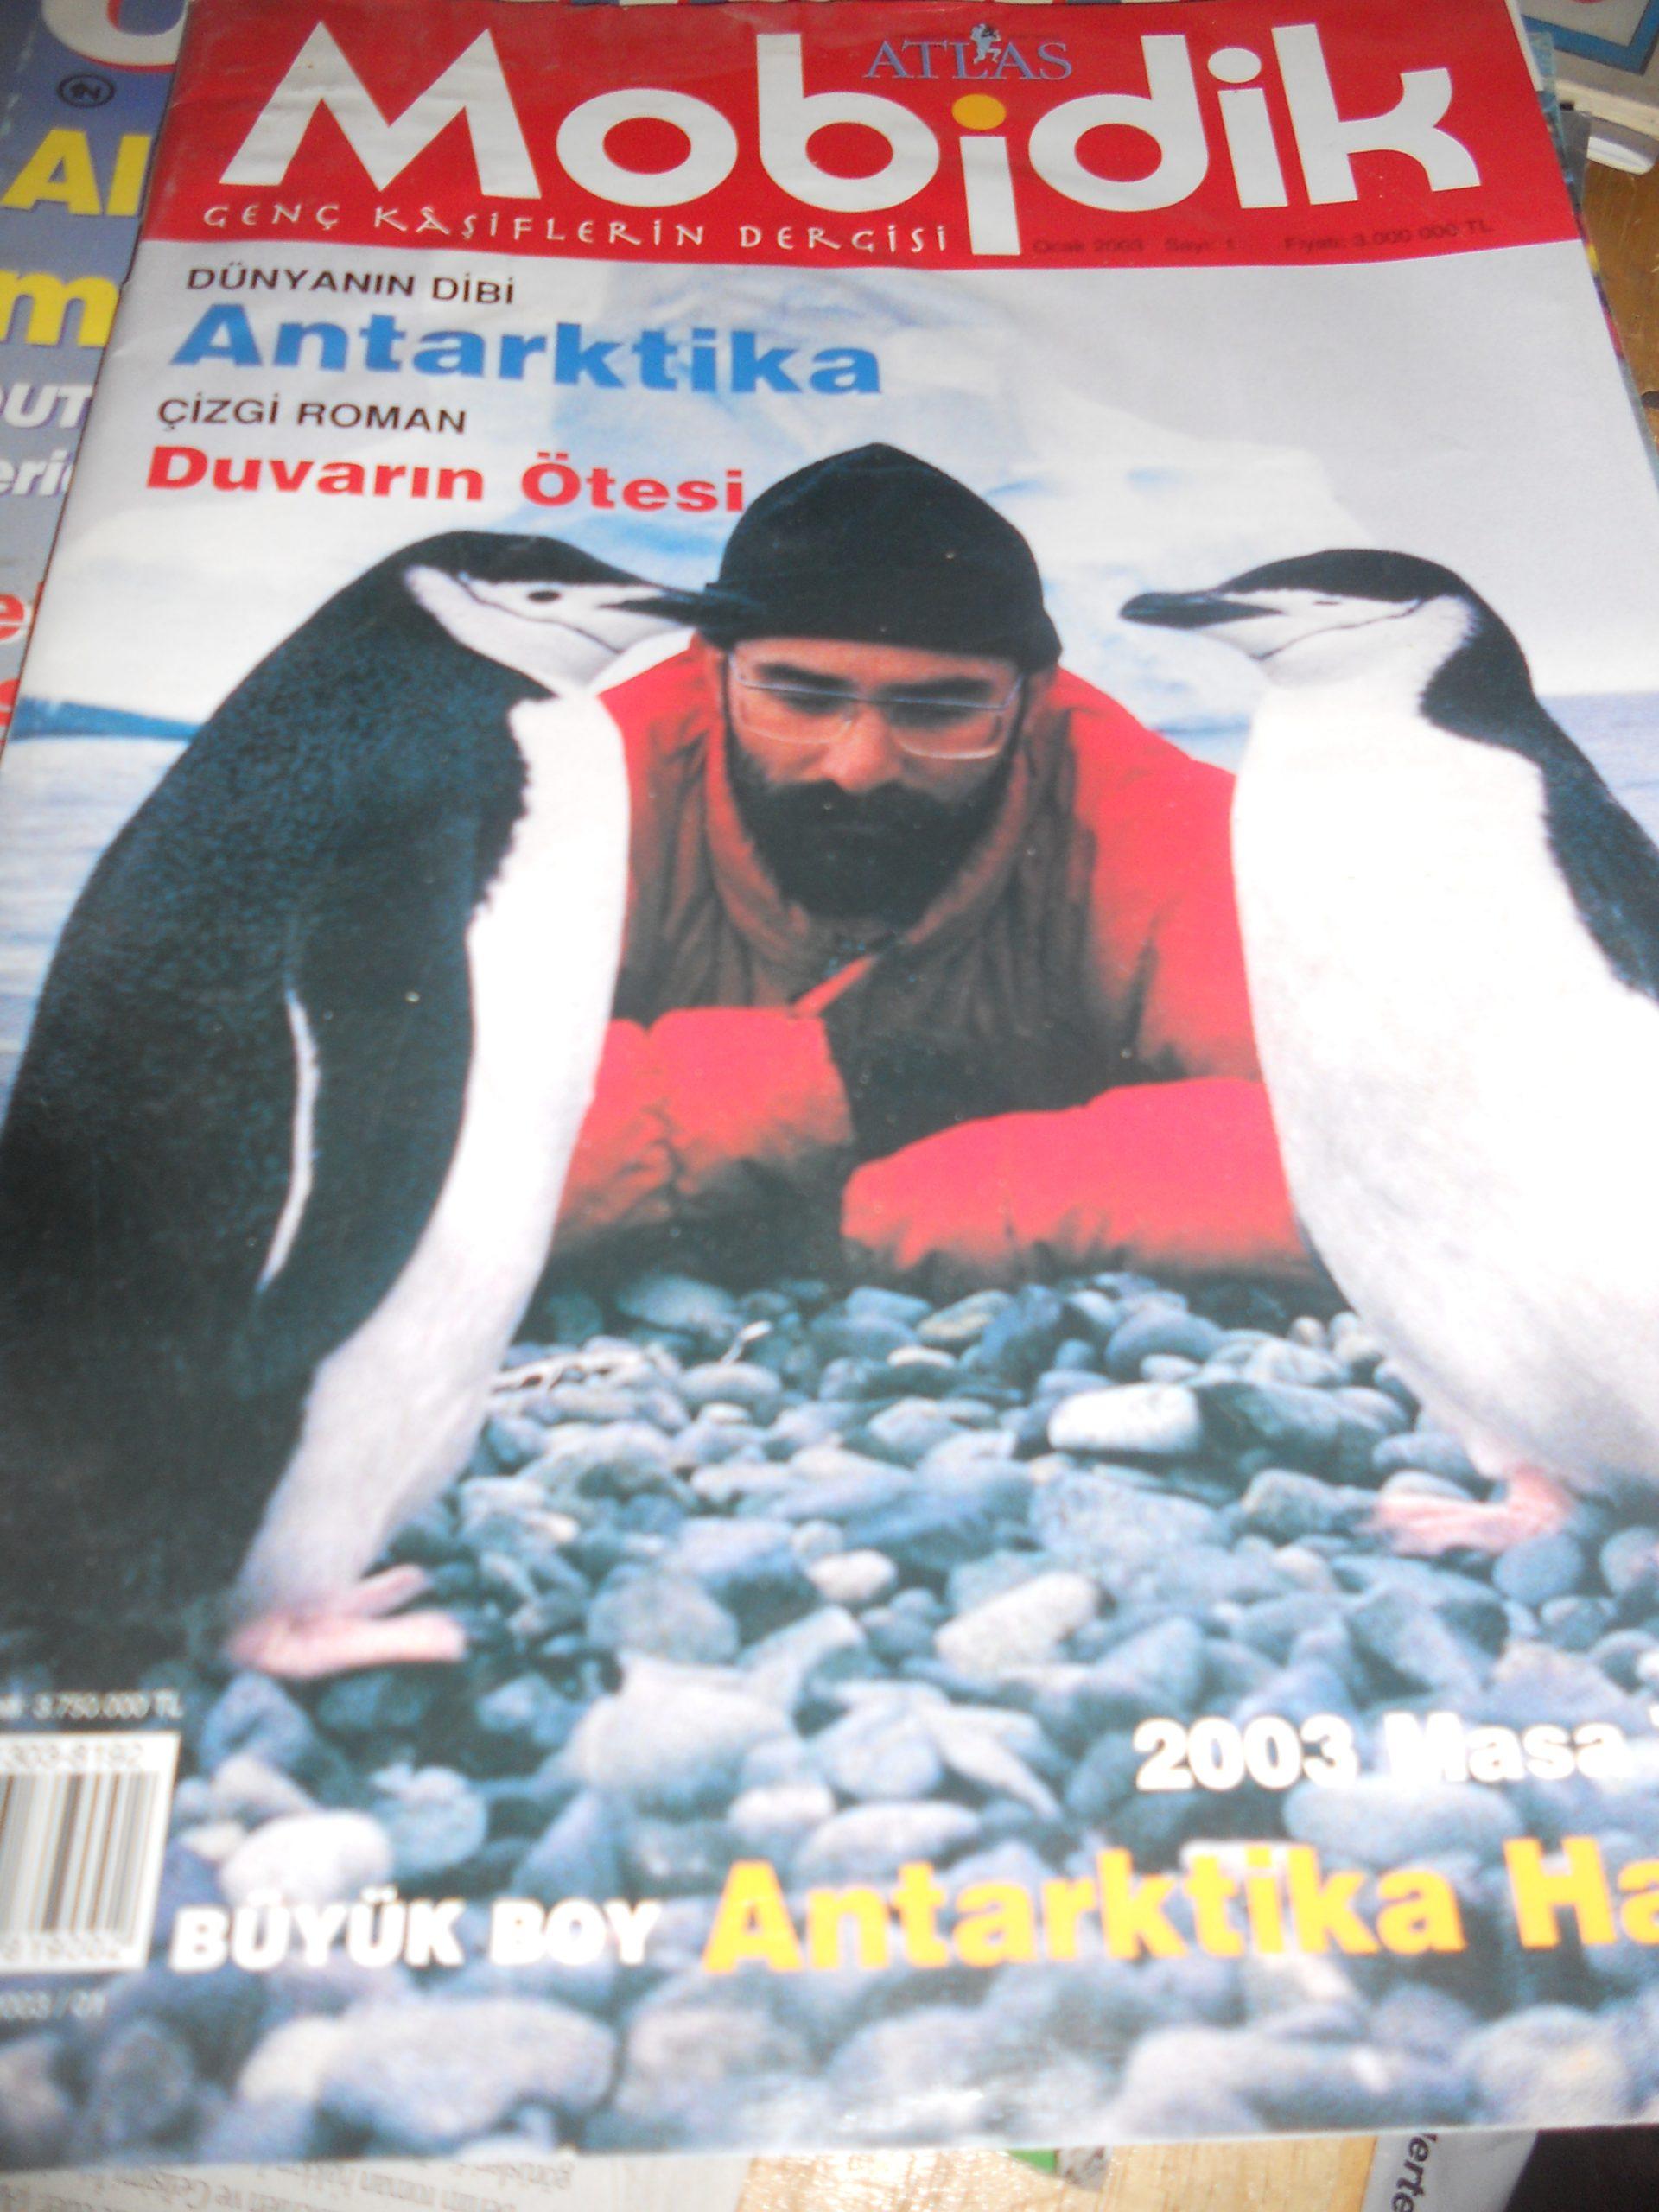 Atlas MOBİDİK-Genç kaşiflerin dergisi/Ocak 2003 s.1/2 tl(Satıldı)